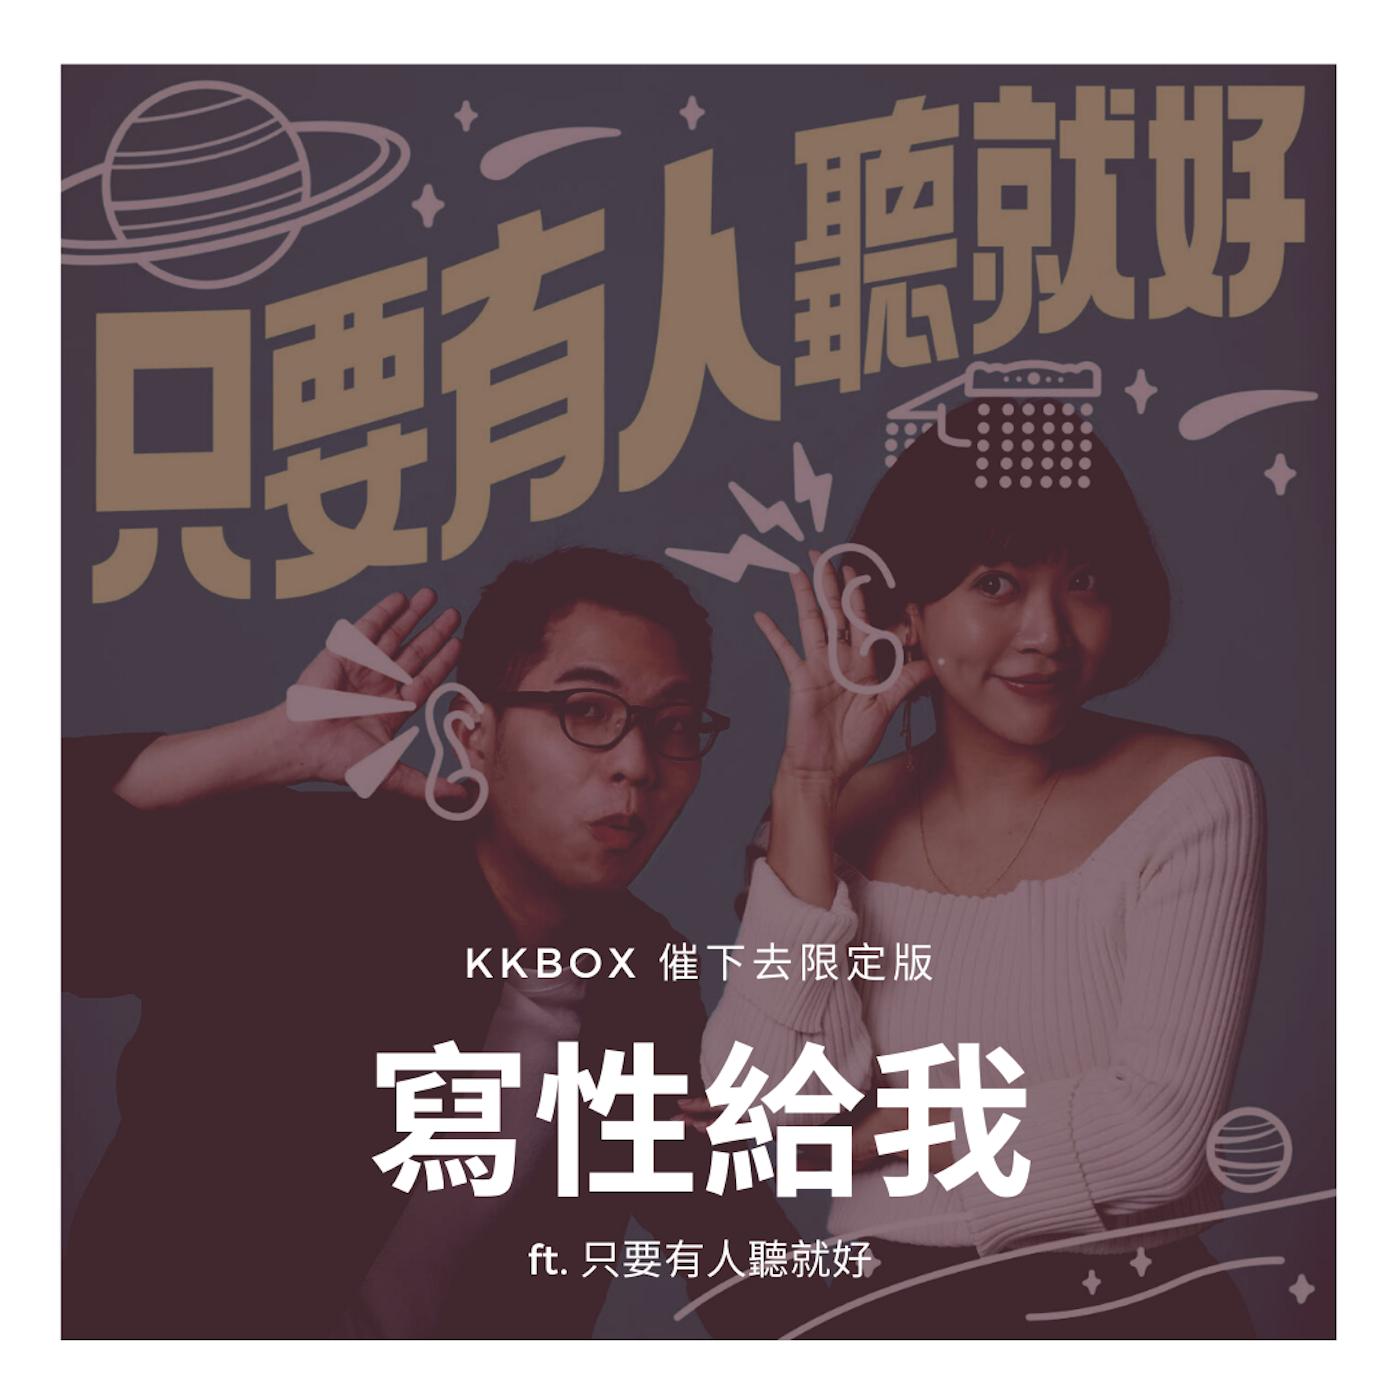 #寫性給我 KKBOX  催下去限定版 ft. 只要有人聽就好